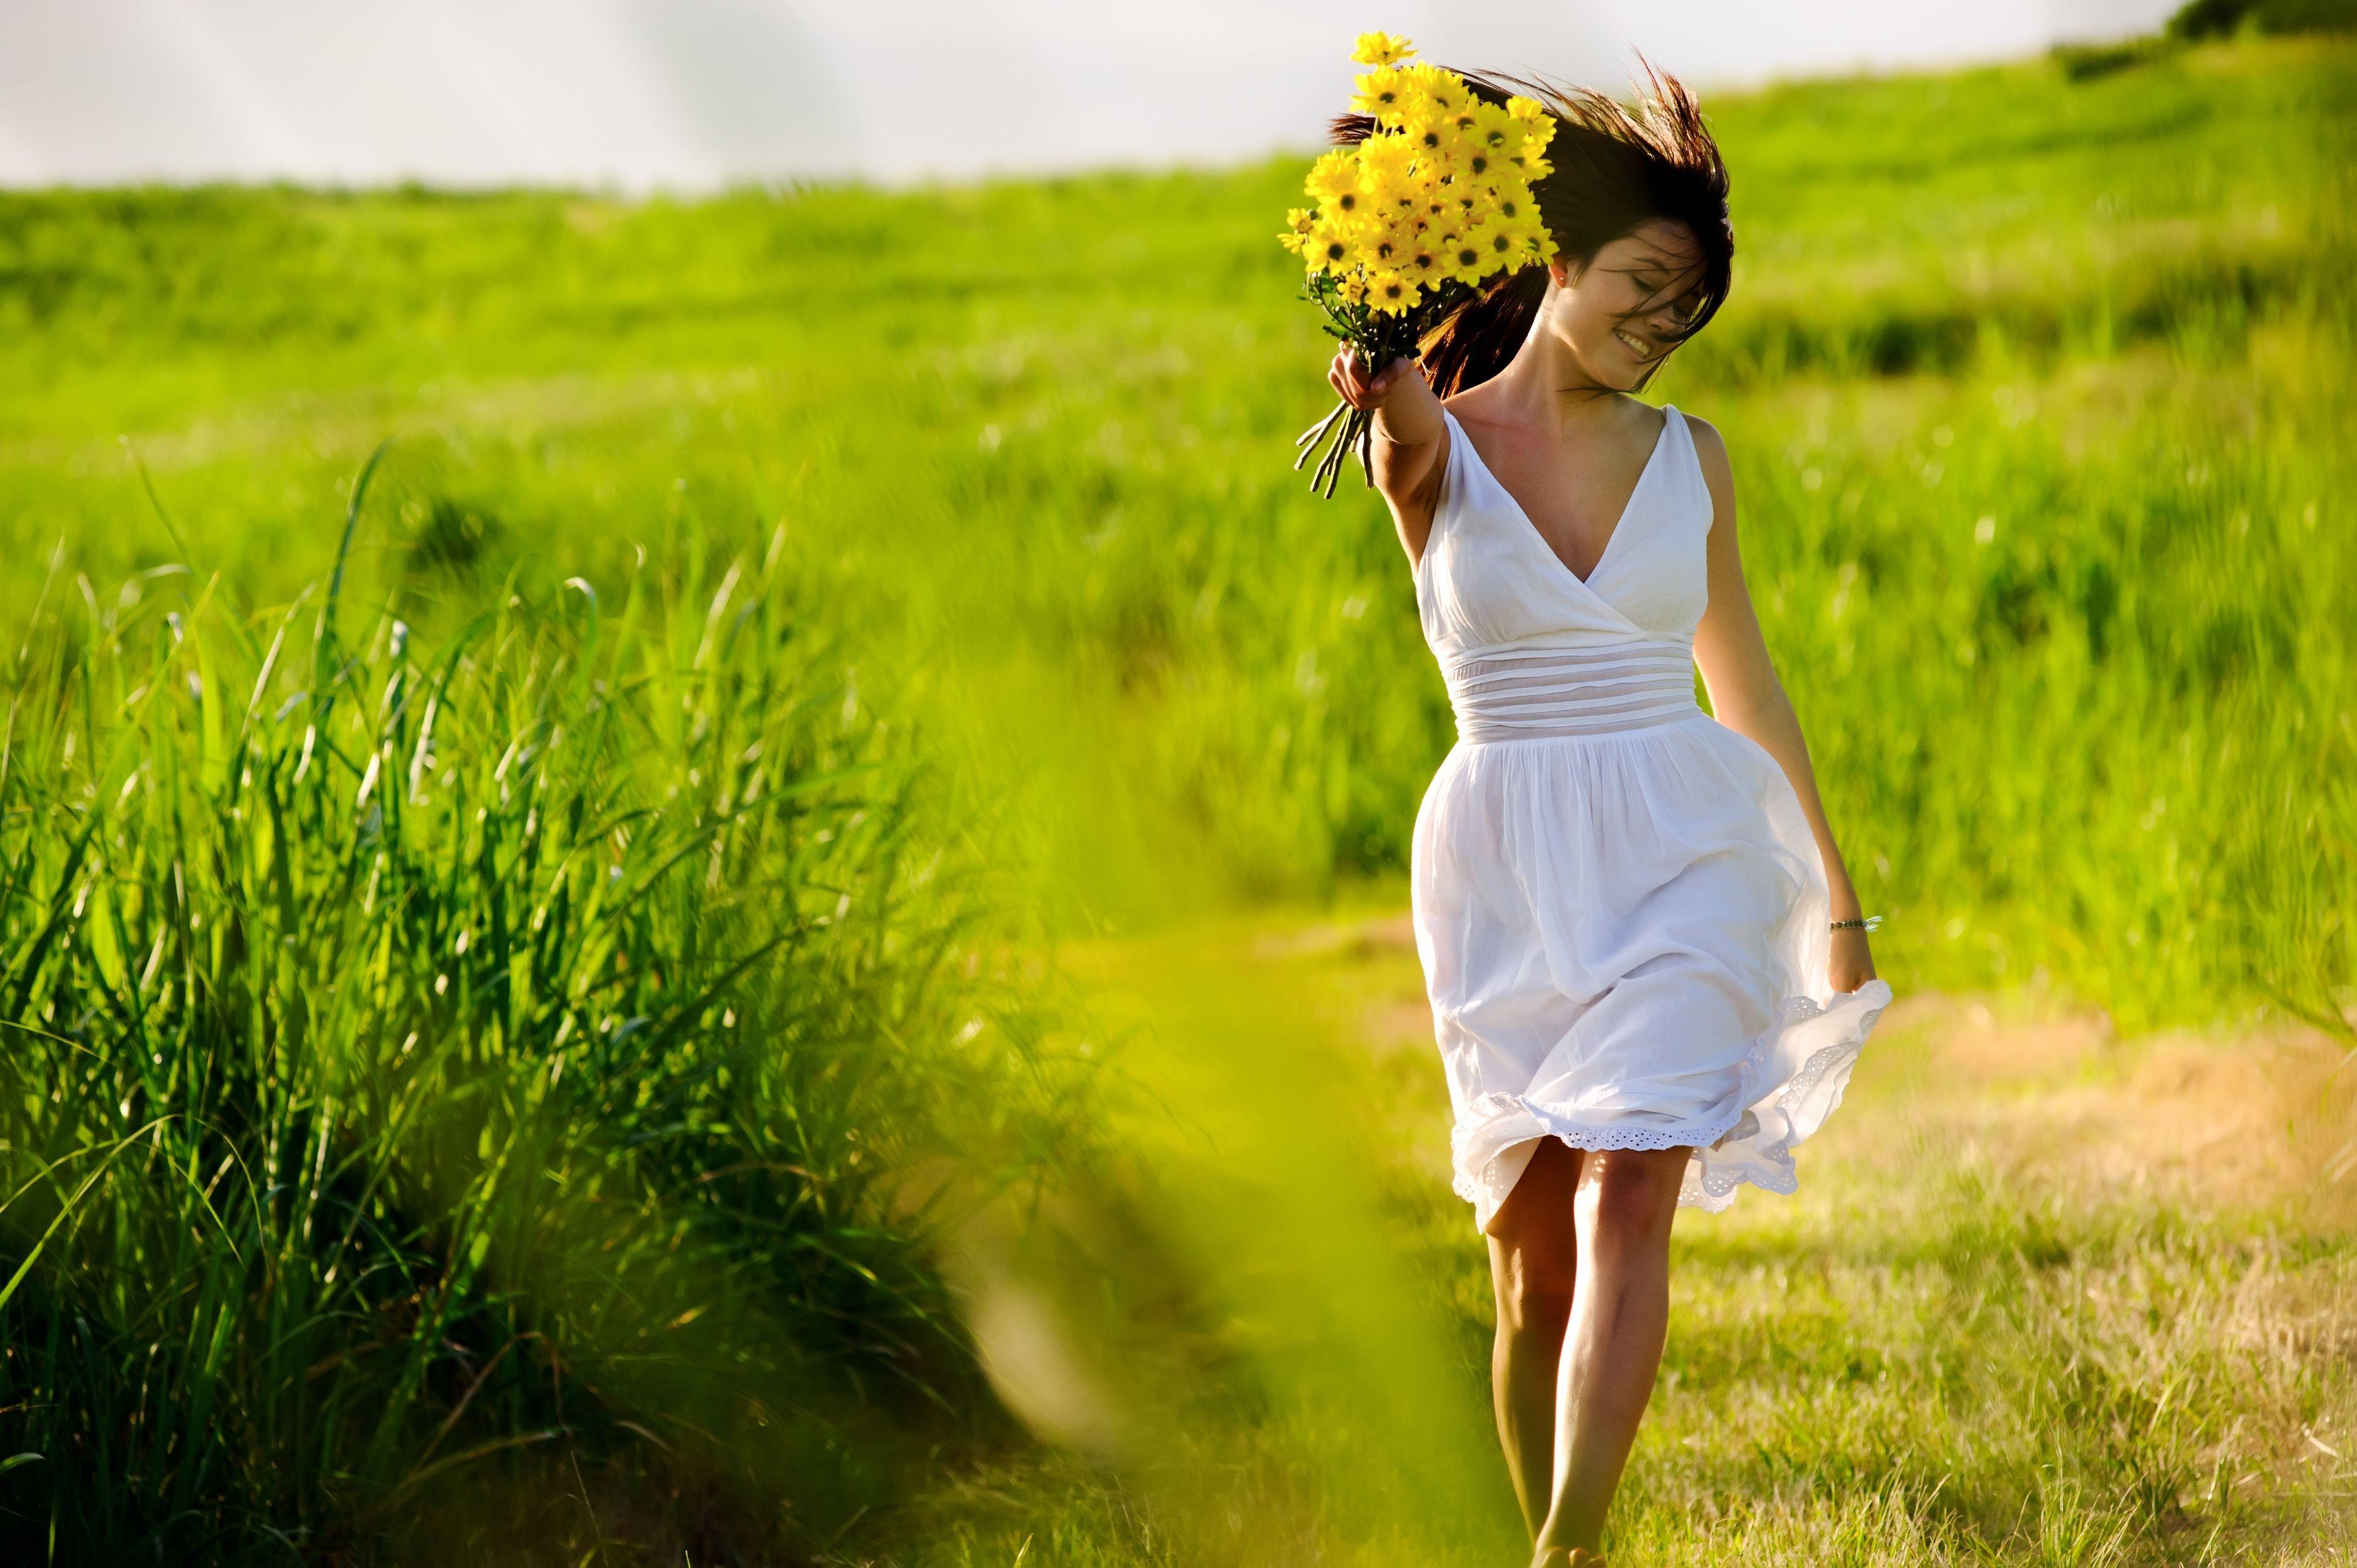 Девушка в поле с цветами и хорошим настроением